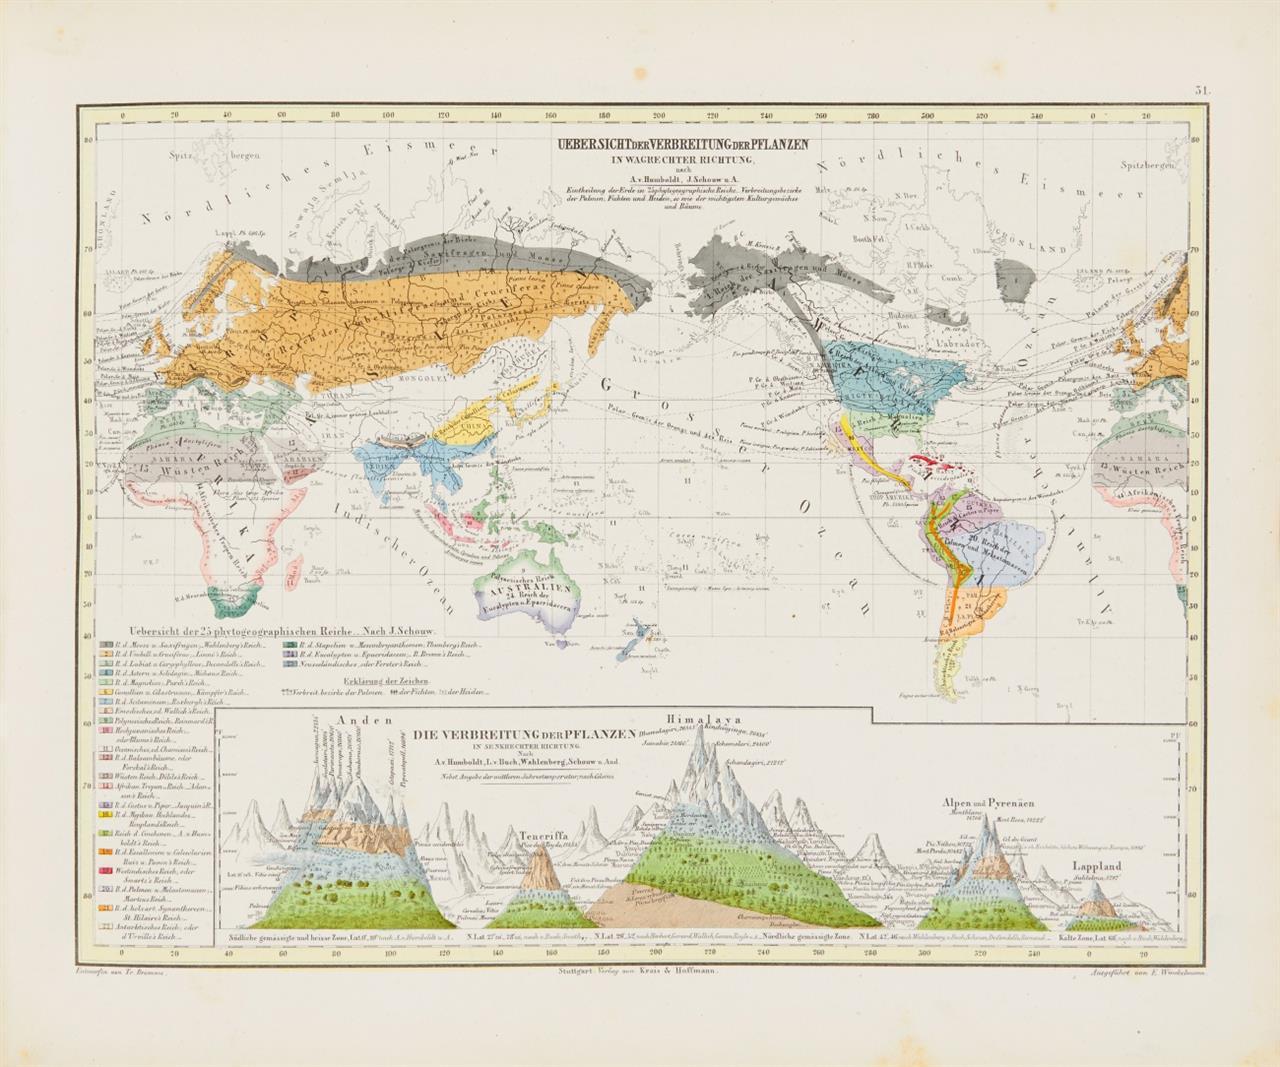 A. v. Humboldt, Kosmos. 4 Bde. und 1 Atlasband in 5 Bdn. Stuttgart u. Augsburg 1845-58.